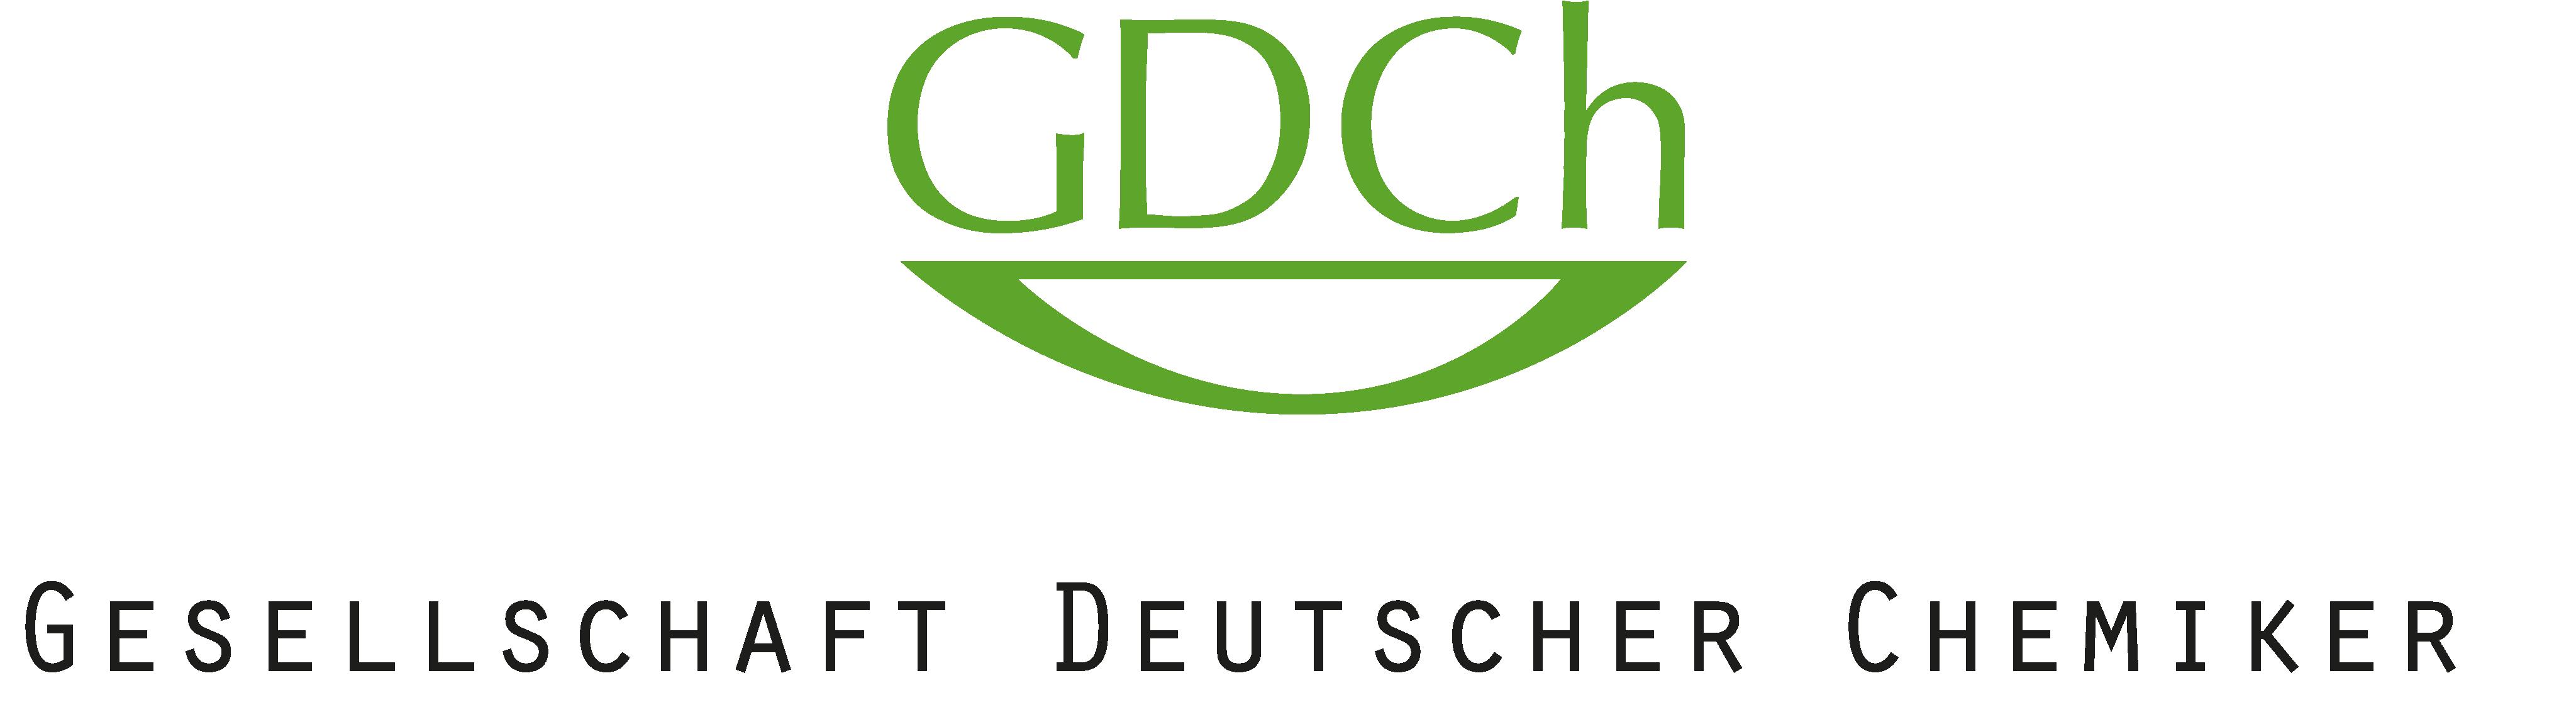 GDCh-Logo